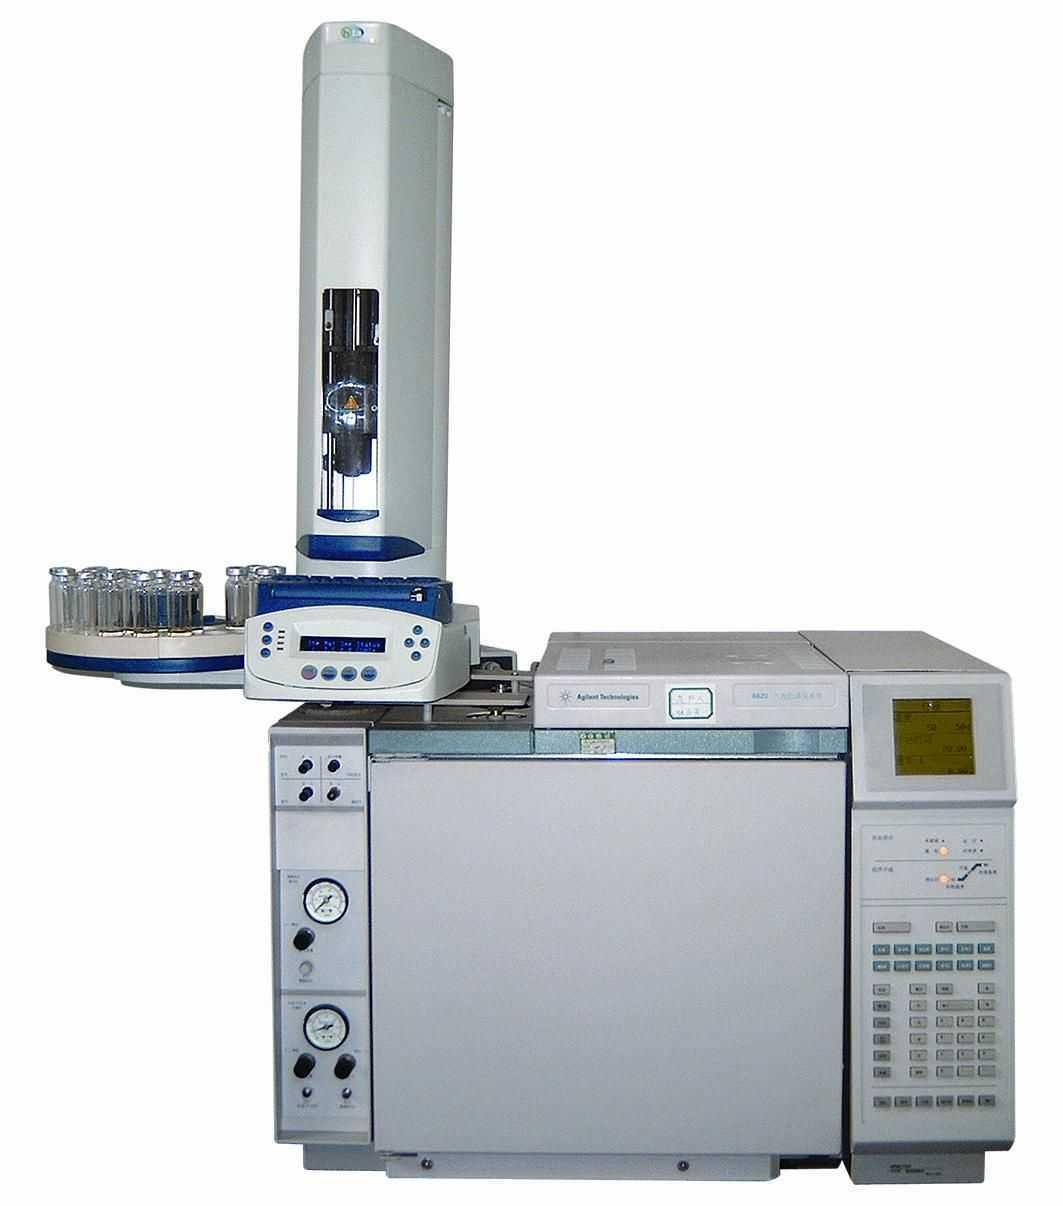 安捷伦气相专用自动进样器